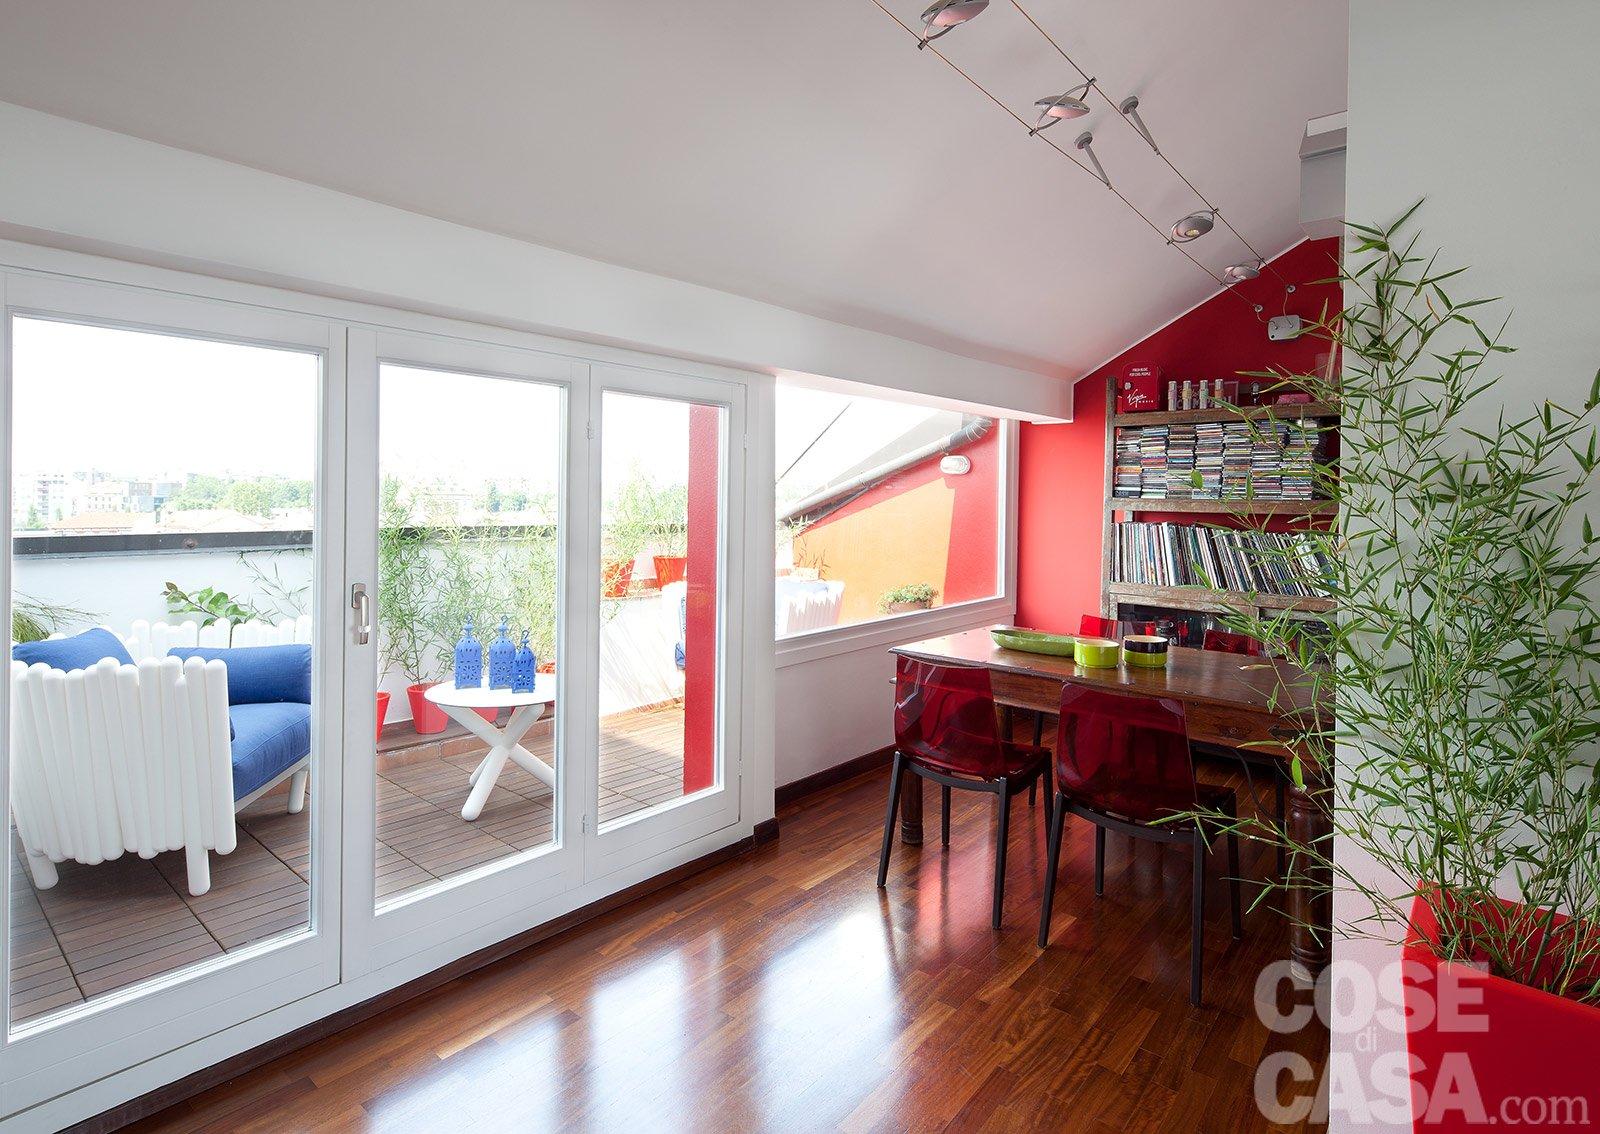 Nuovi Colori Per Esterno Casa : Nuovi colori per pareti casa latest elegant amazing cool in